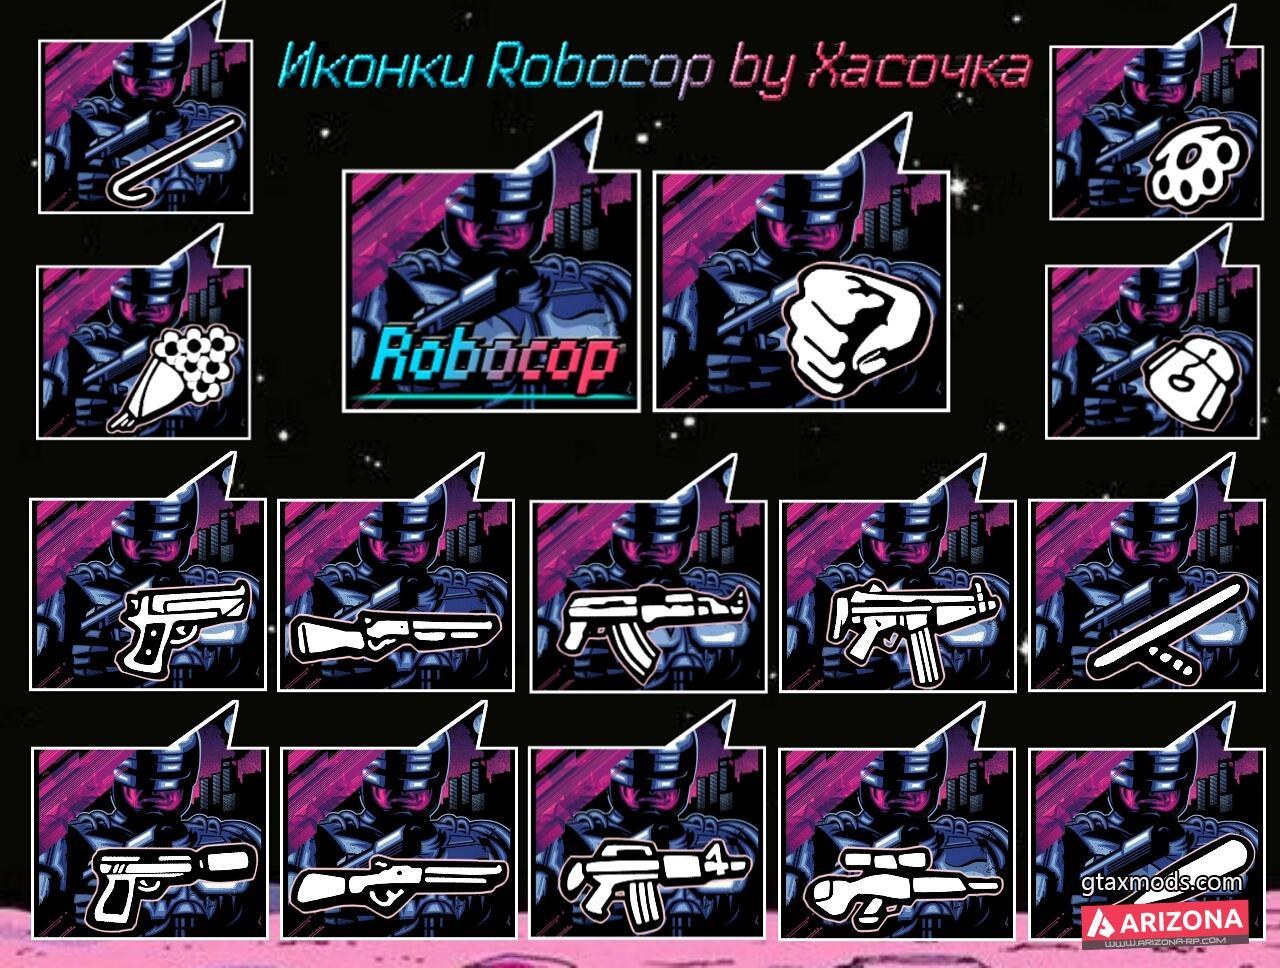 Иконки Robocop by Хасочка